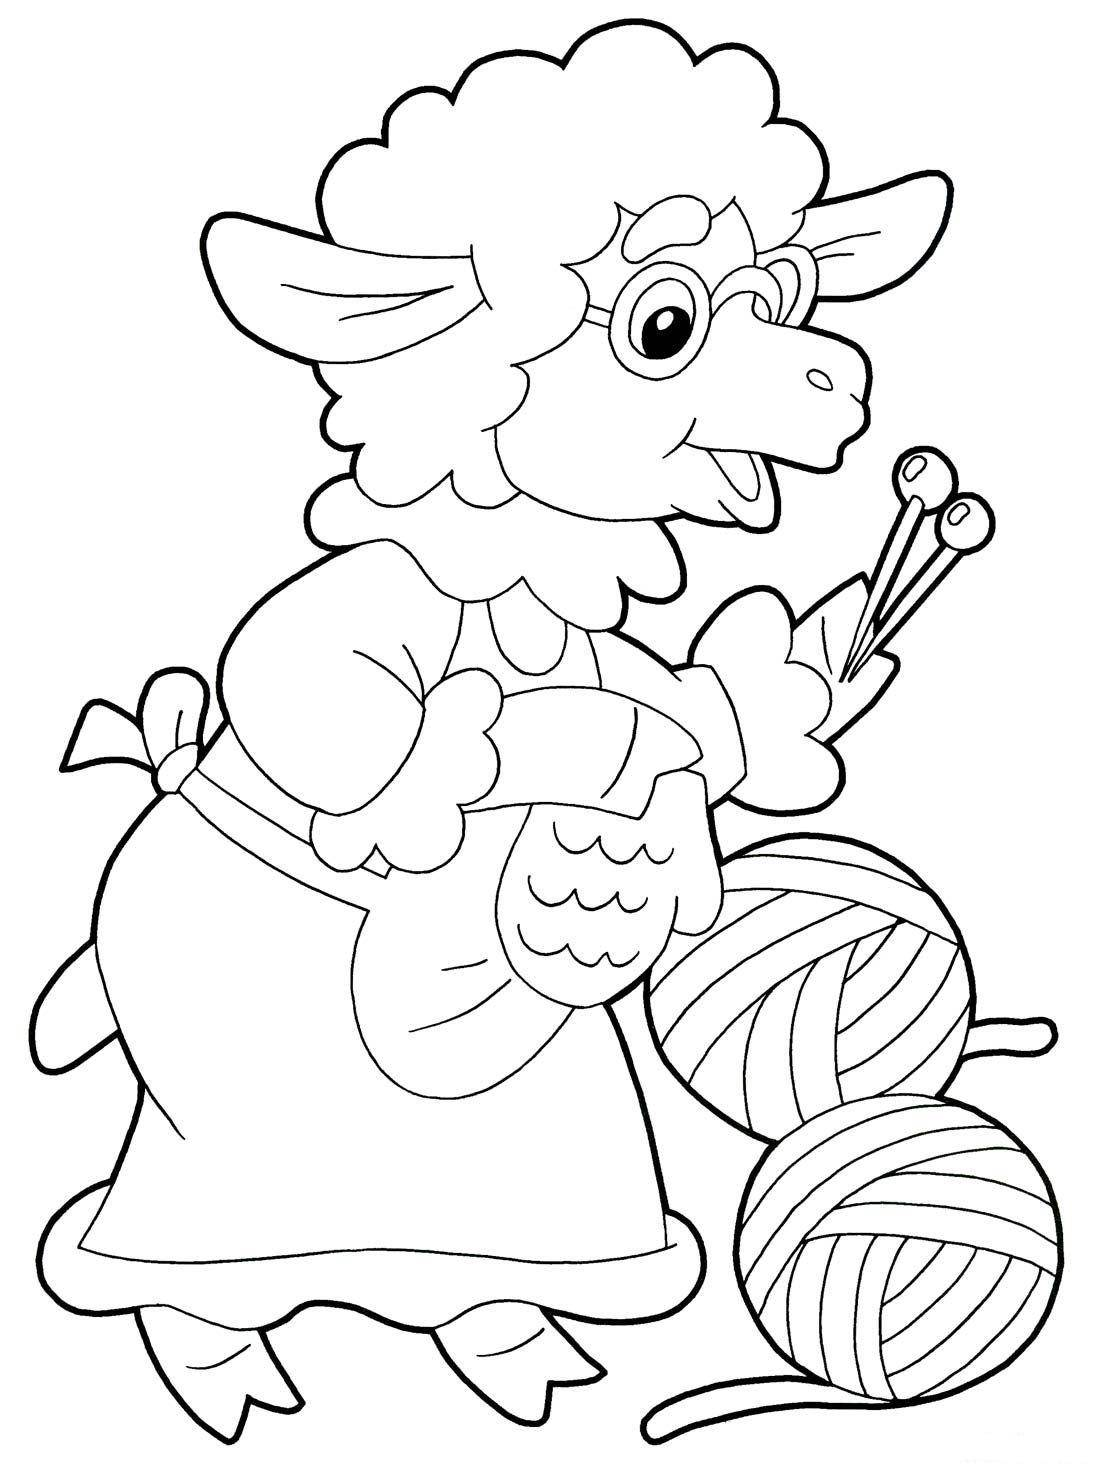 Название: Раскраска Рисунок бабушки барашки со спицами. Категория: домашние животные. Теги: баран.